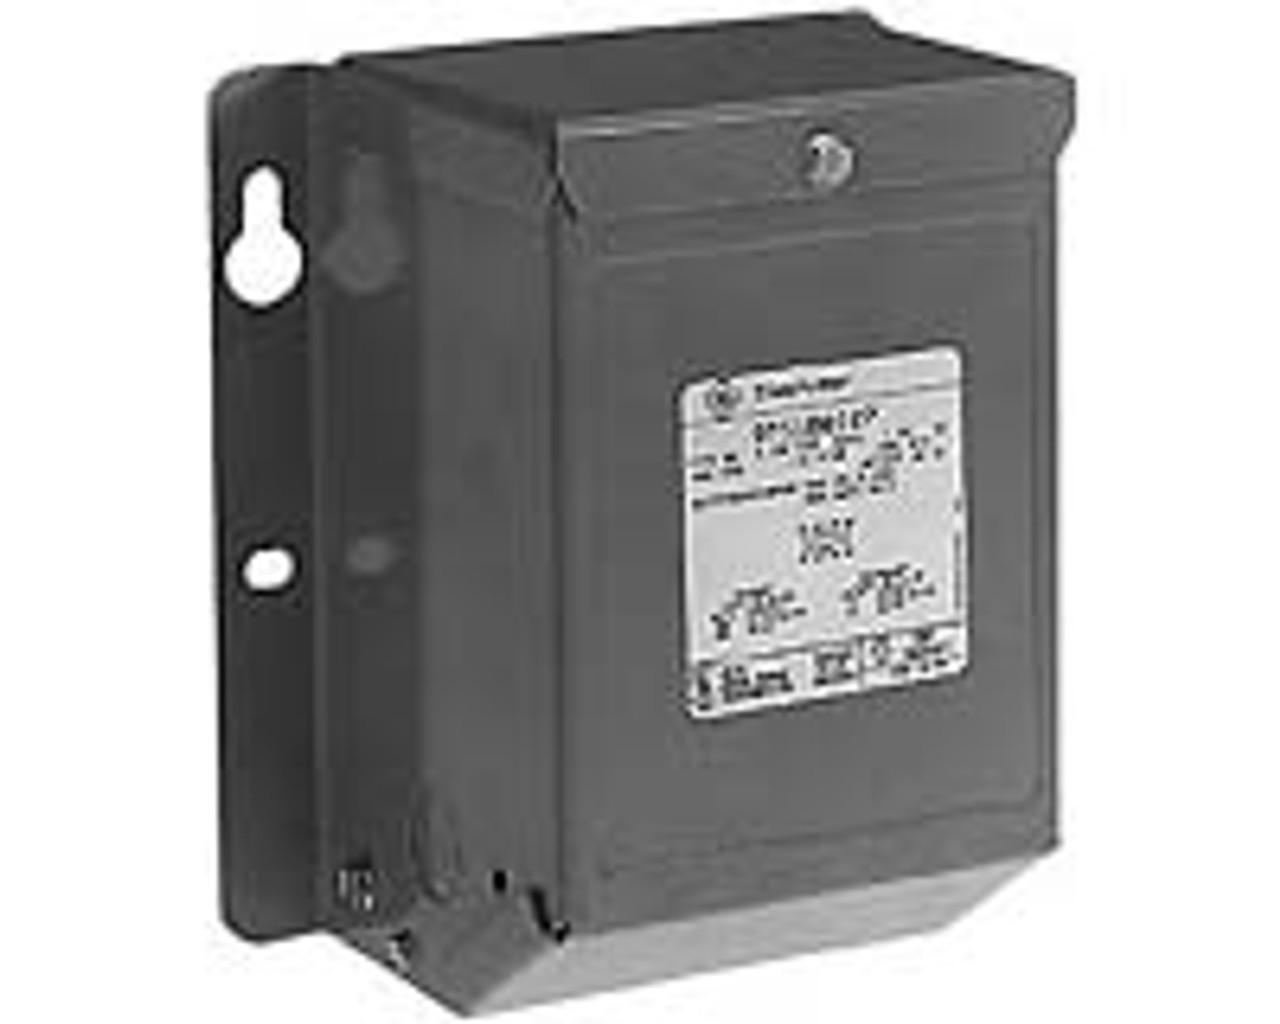 GE 9T51B0012G04 - 2 KVA 240x480 To 120/240 Volts 1PH Transformer